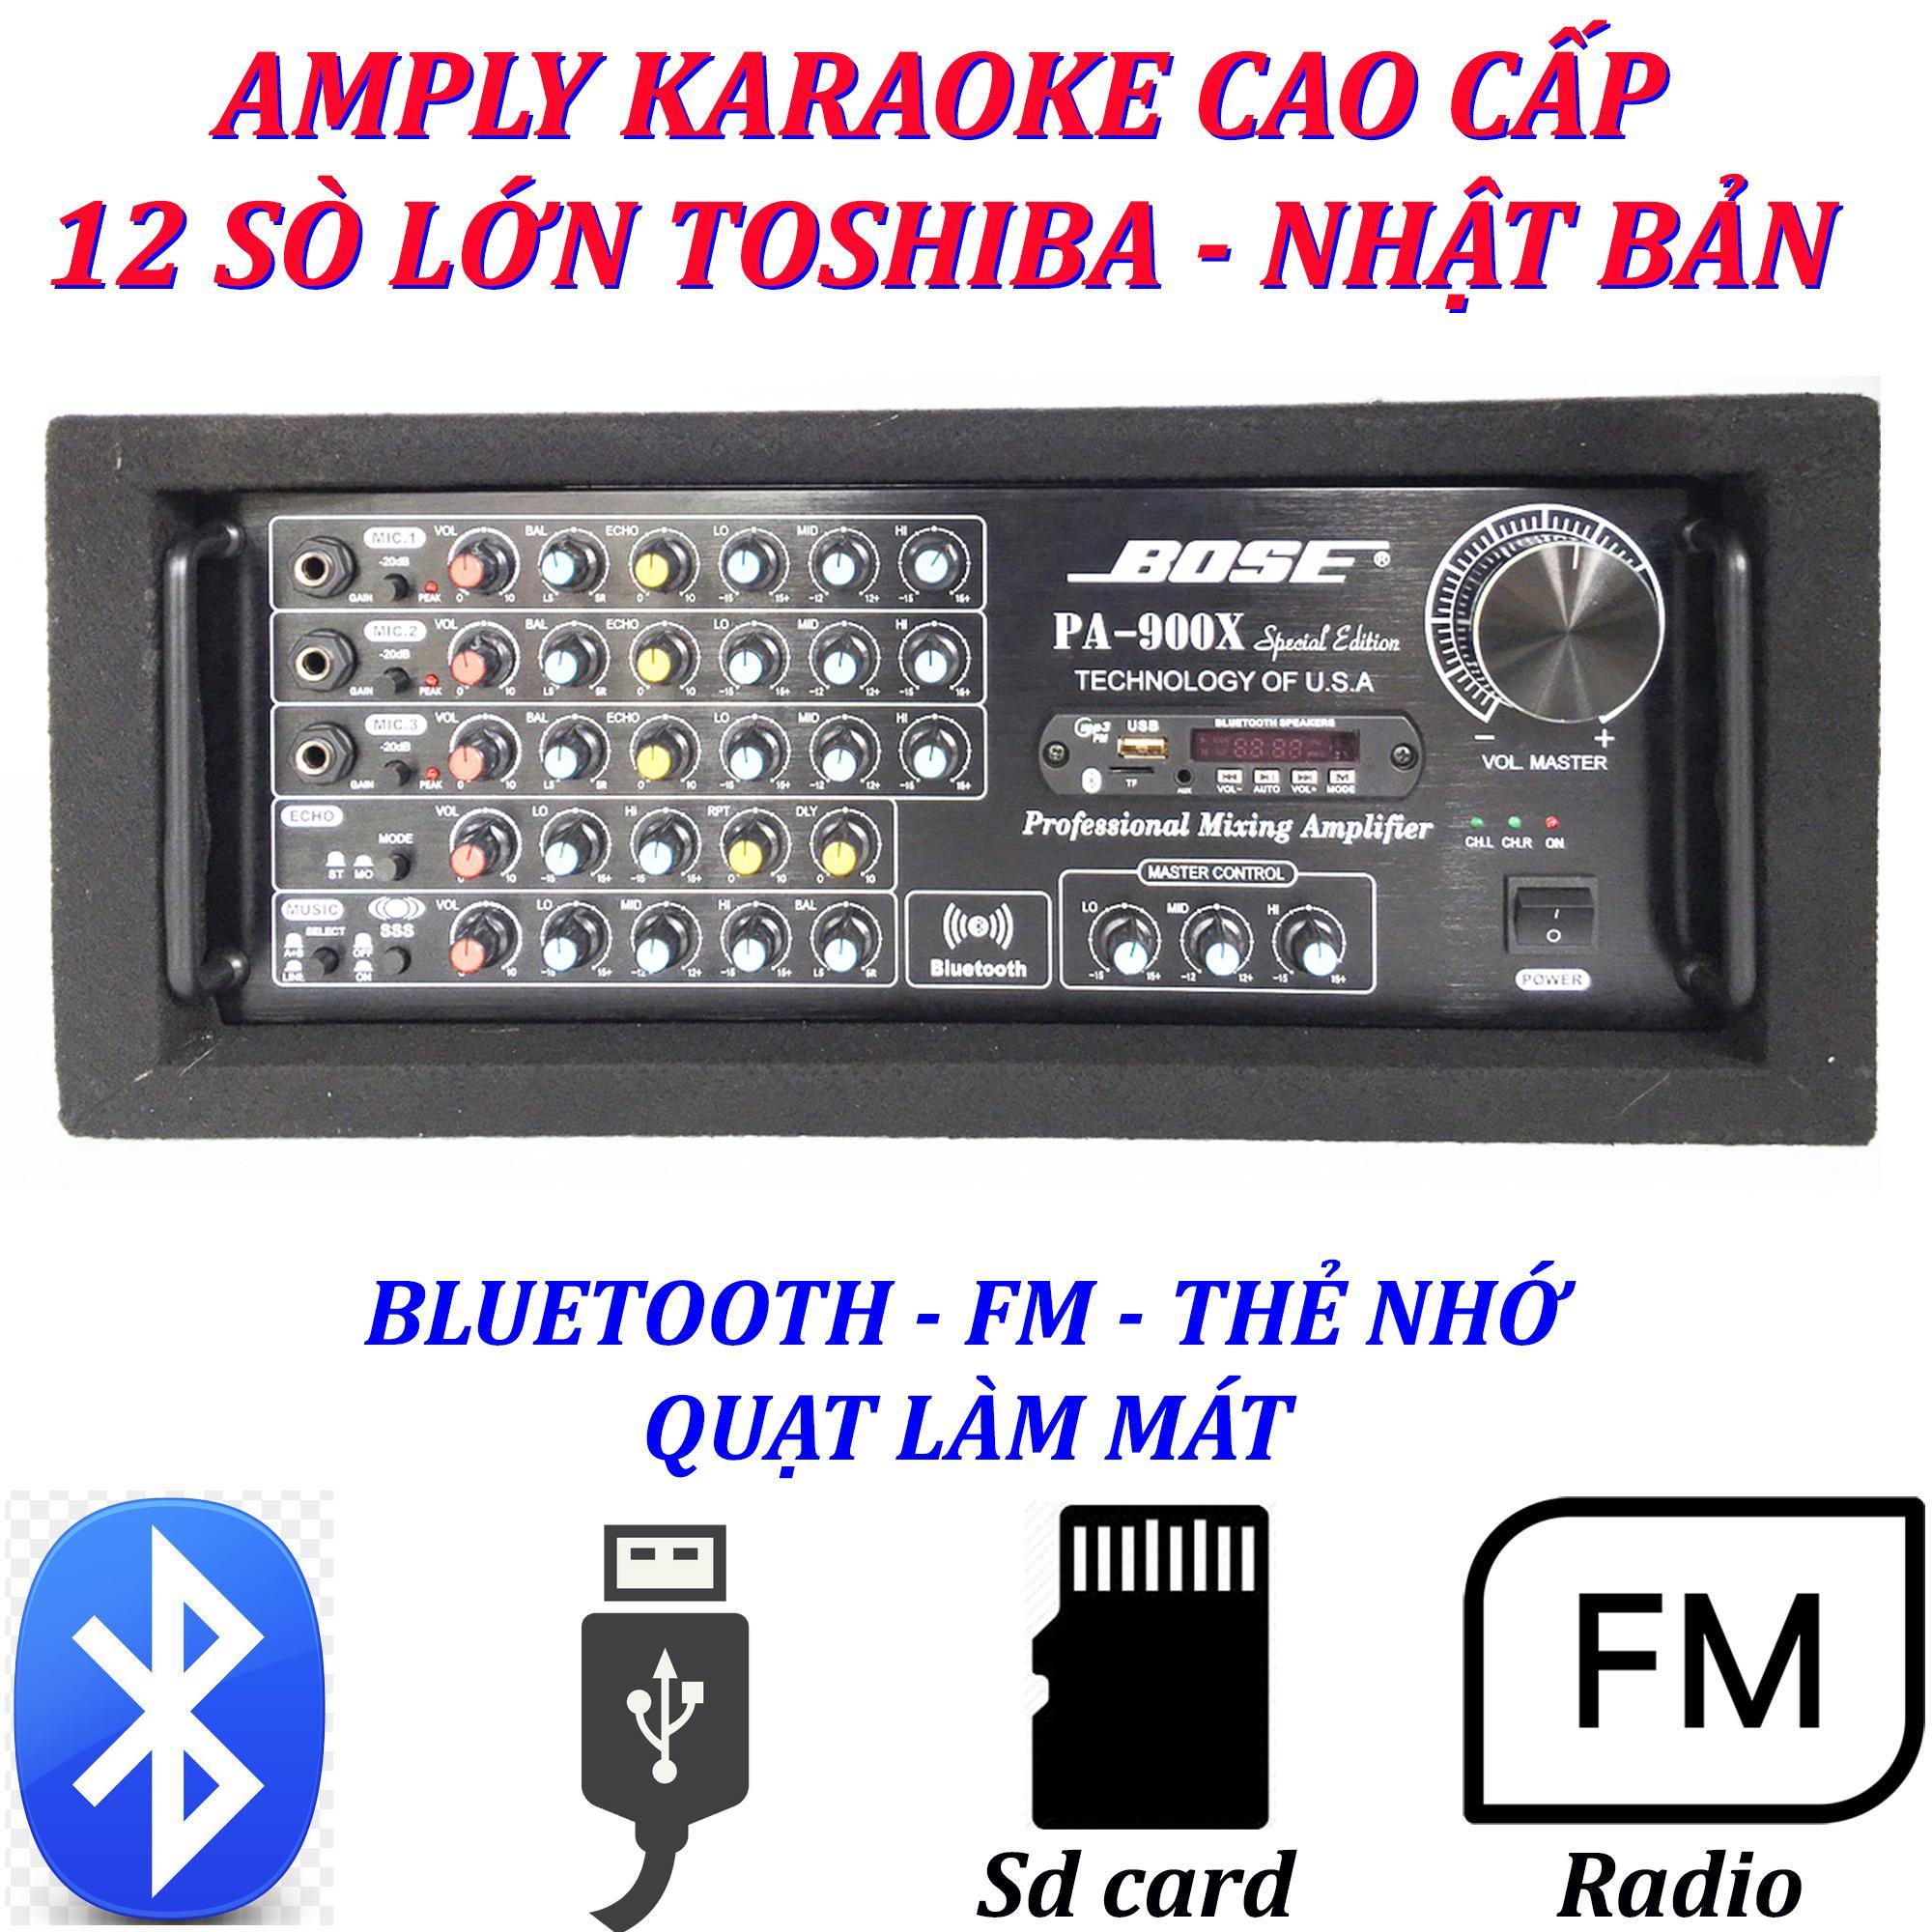 Hình ảnh Amply karaoke ampli karaoke amply bluetooth nghe nhạc cao cấp 900x